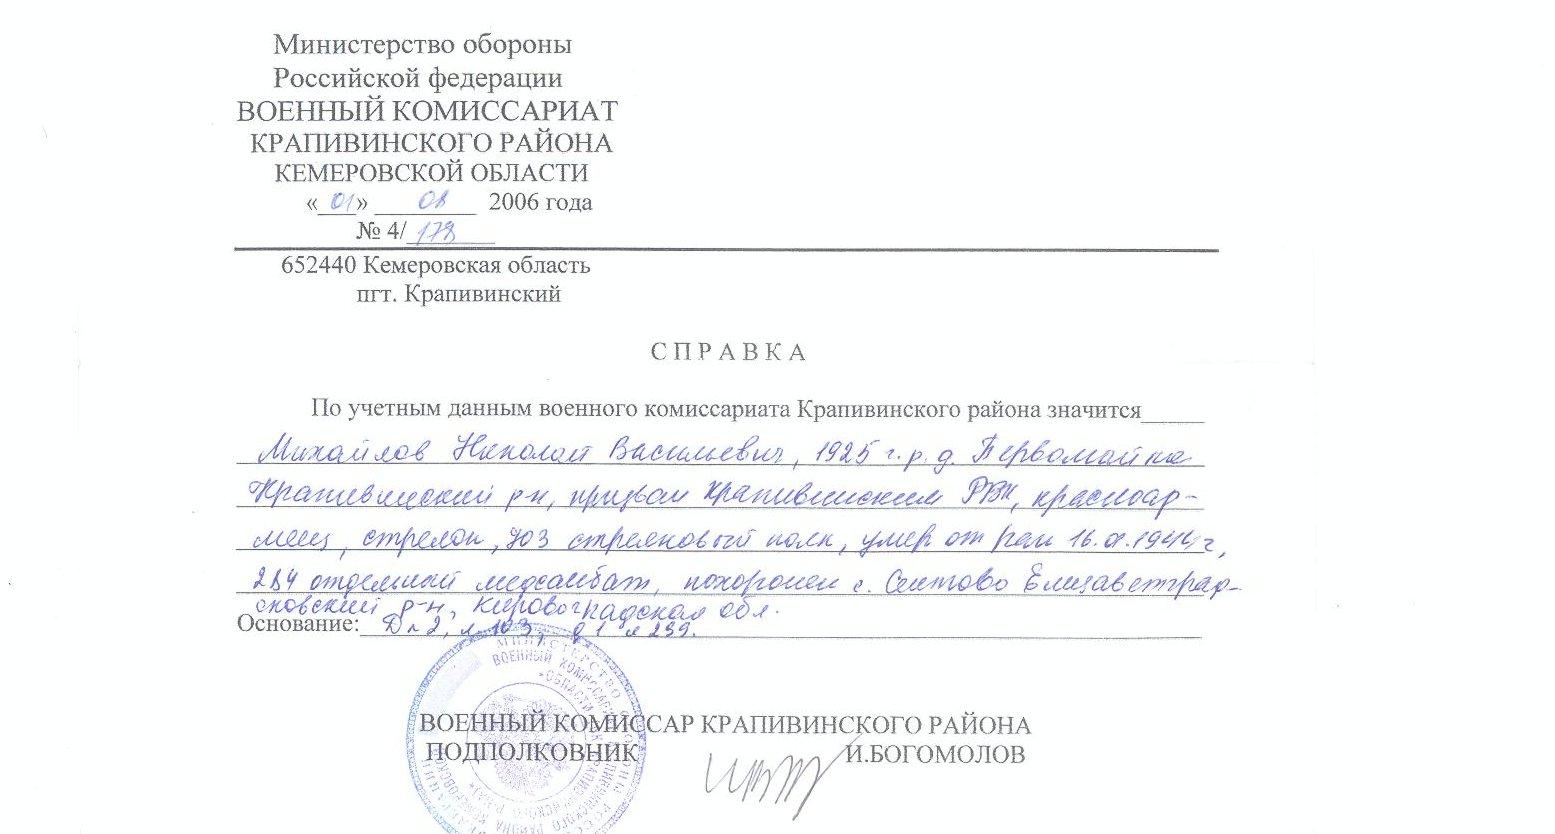 Извещение о гибели МИхайлова Н.В.